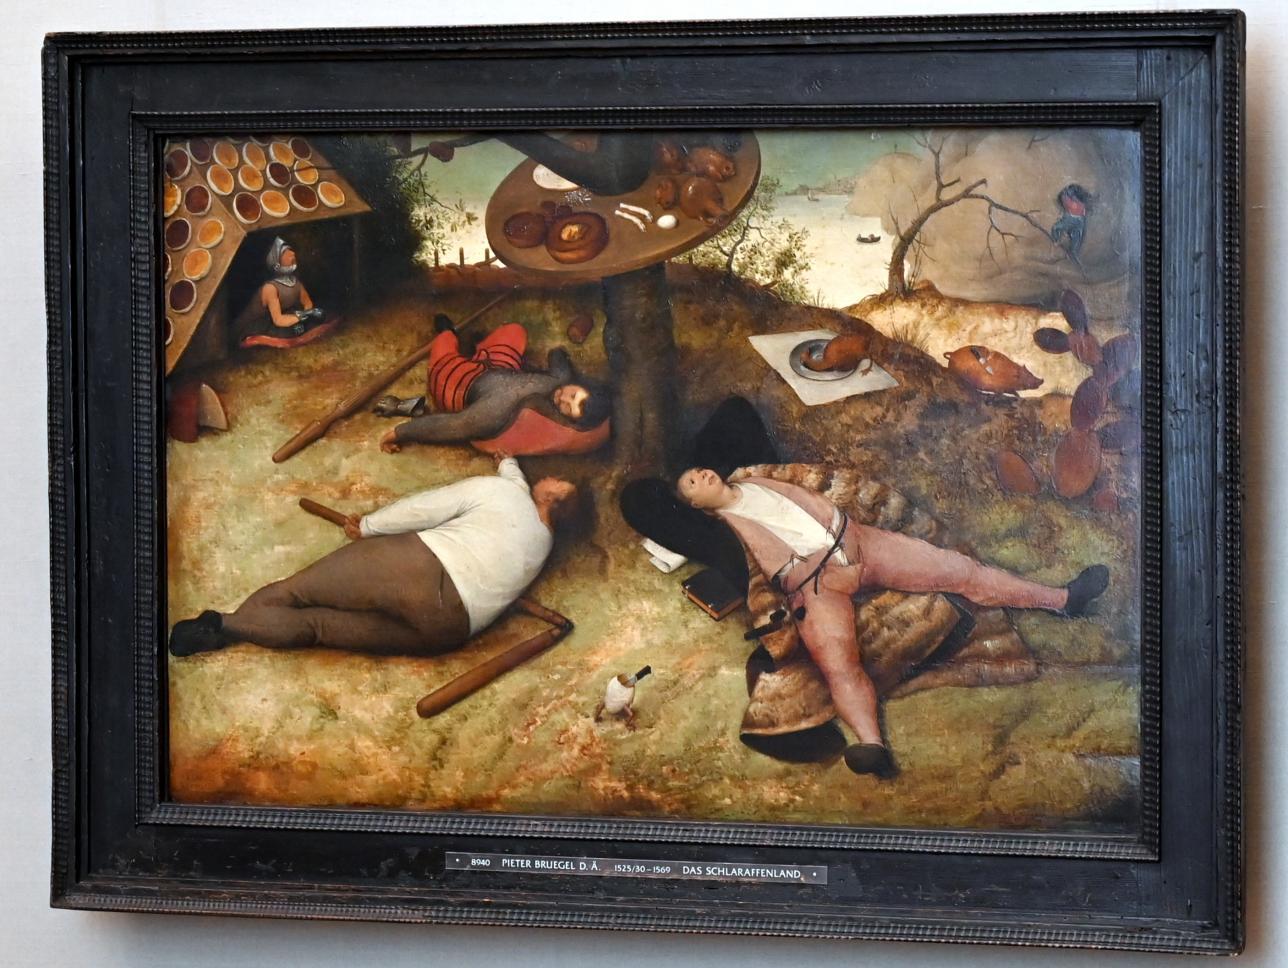 Pieter Brueghel der Ältere (Bauernbrueghel): Das Schlaraffenland, 1567